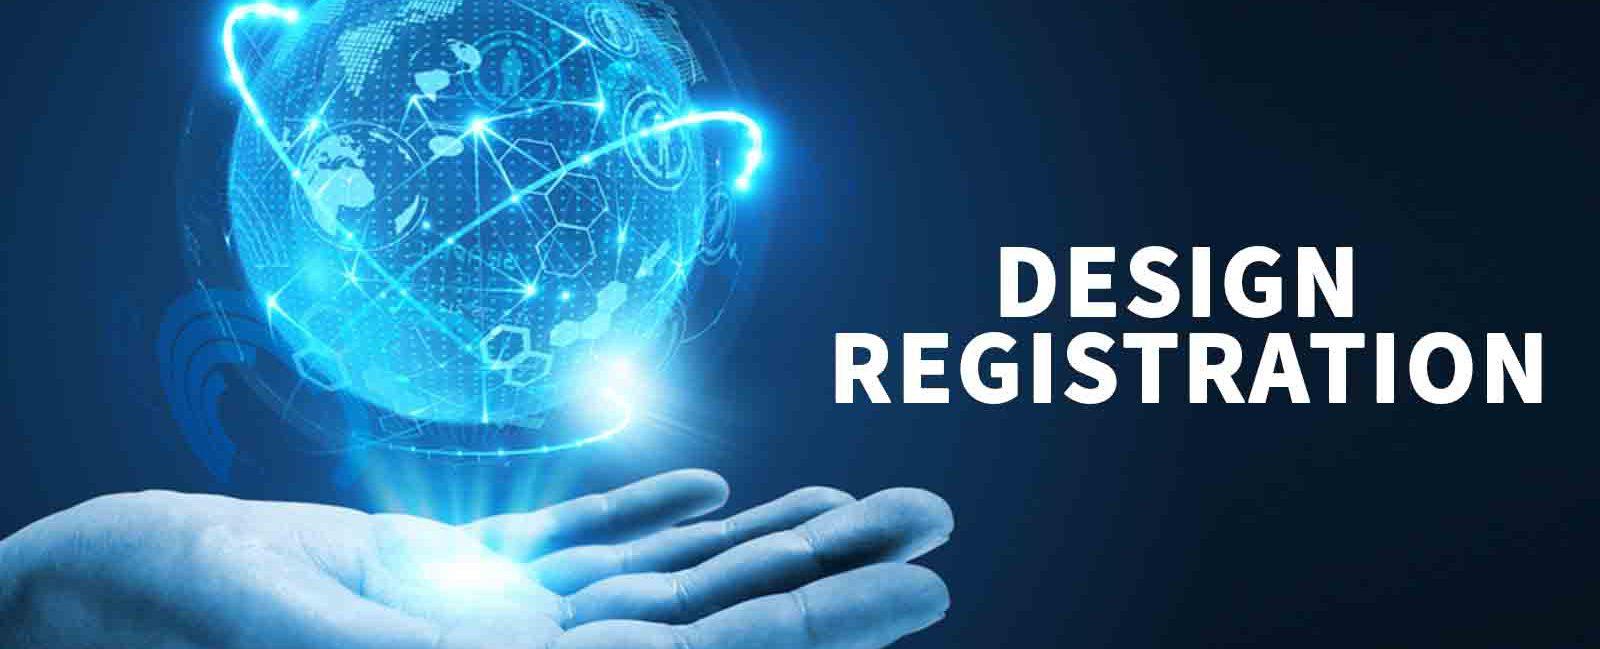 design registration